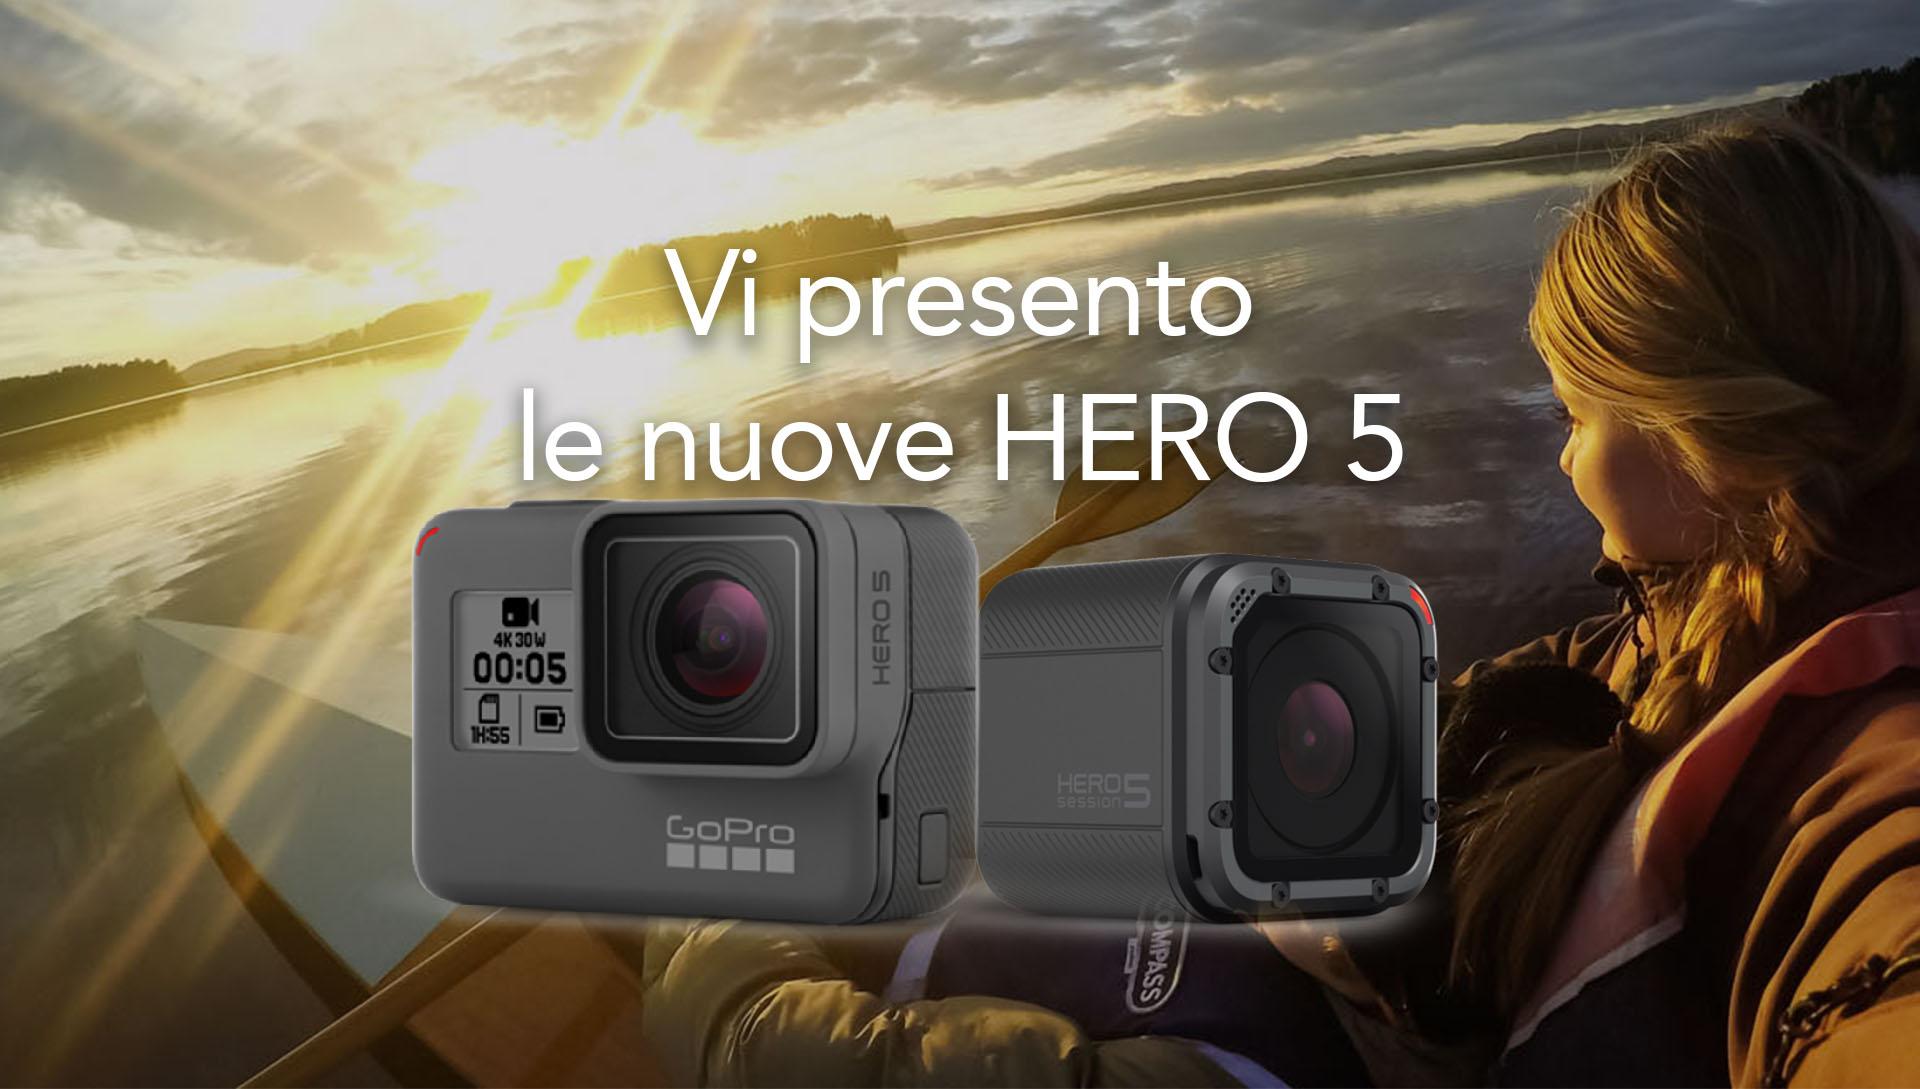 Ecco le nuove GoPro Hero 5 Black e 5 Session! #CheNePenso